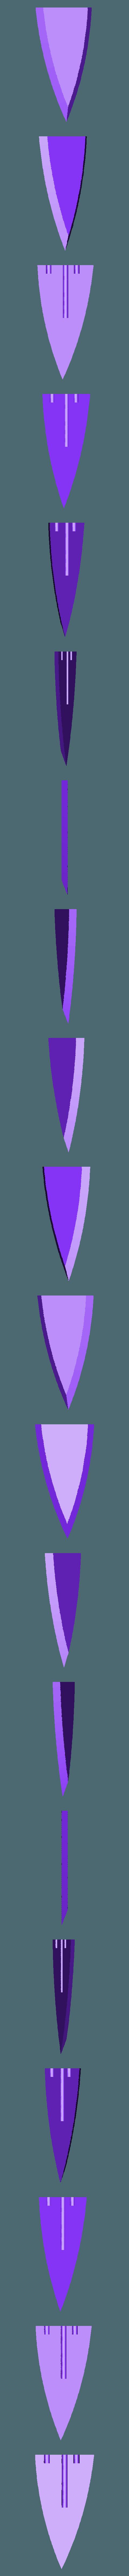 GABB1.stl Télécharger fichier STL gratuit Epée de verre (Skyrim) • Modèle à imprimer en 3D, LarryBerstilta